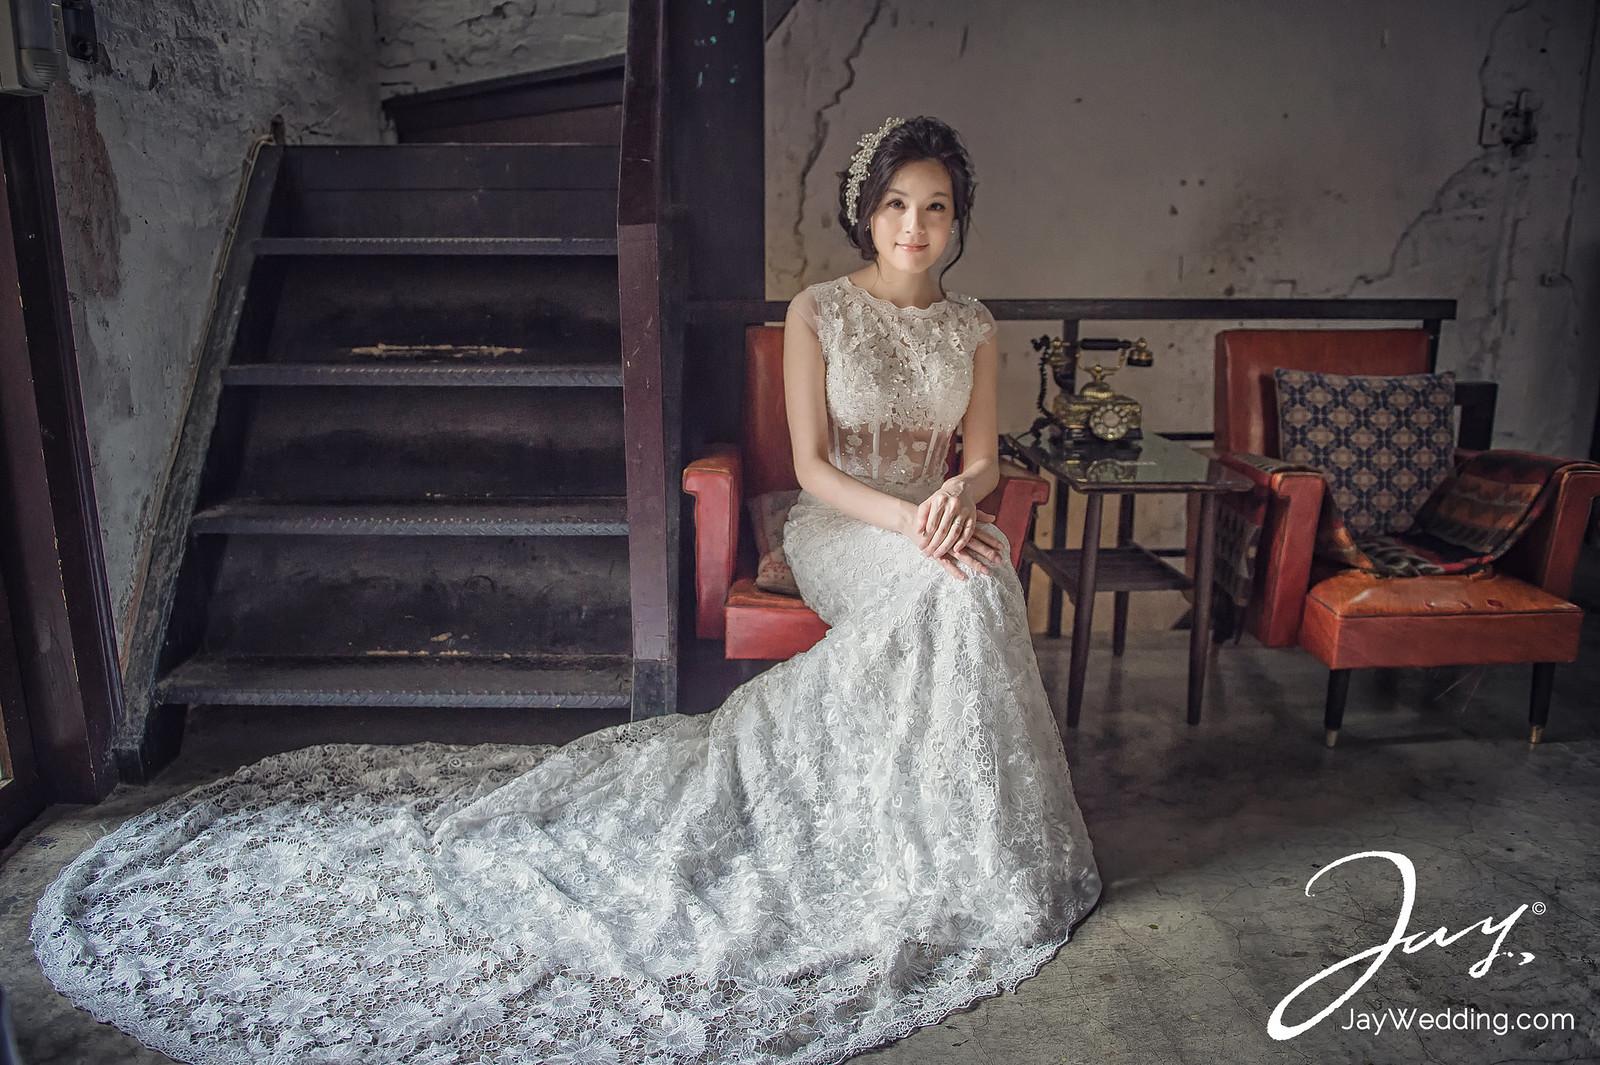 婚紗,婚攝,京都,大阪,食尚曼谷,海外婚紗,自助婚紗,自主婚紗,婚攝A-Jay,婚攝阿杰,jay hsieh,JAY_3644